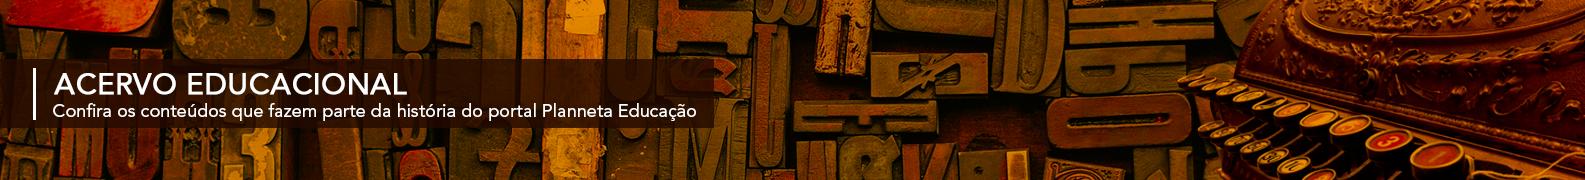 Banner Acervo Educacional